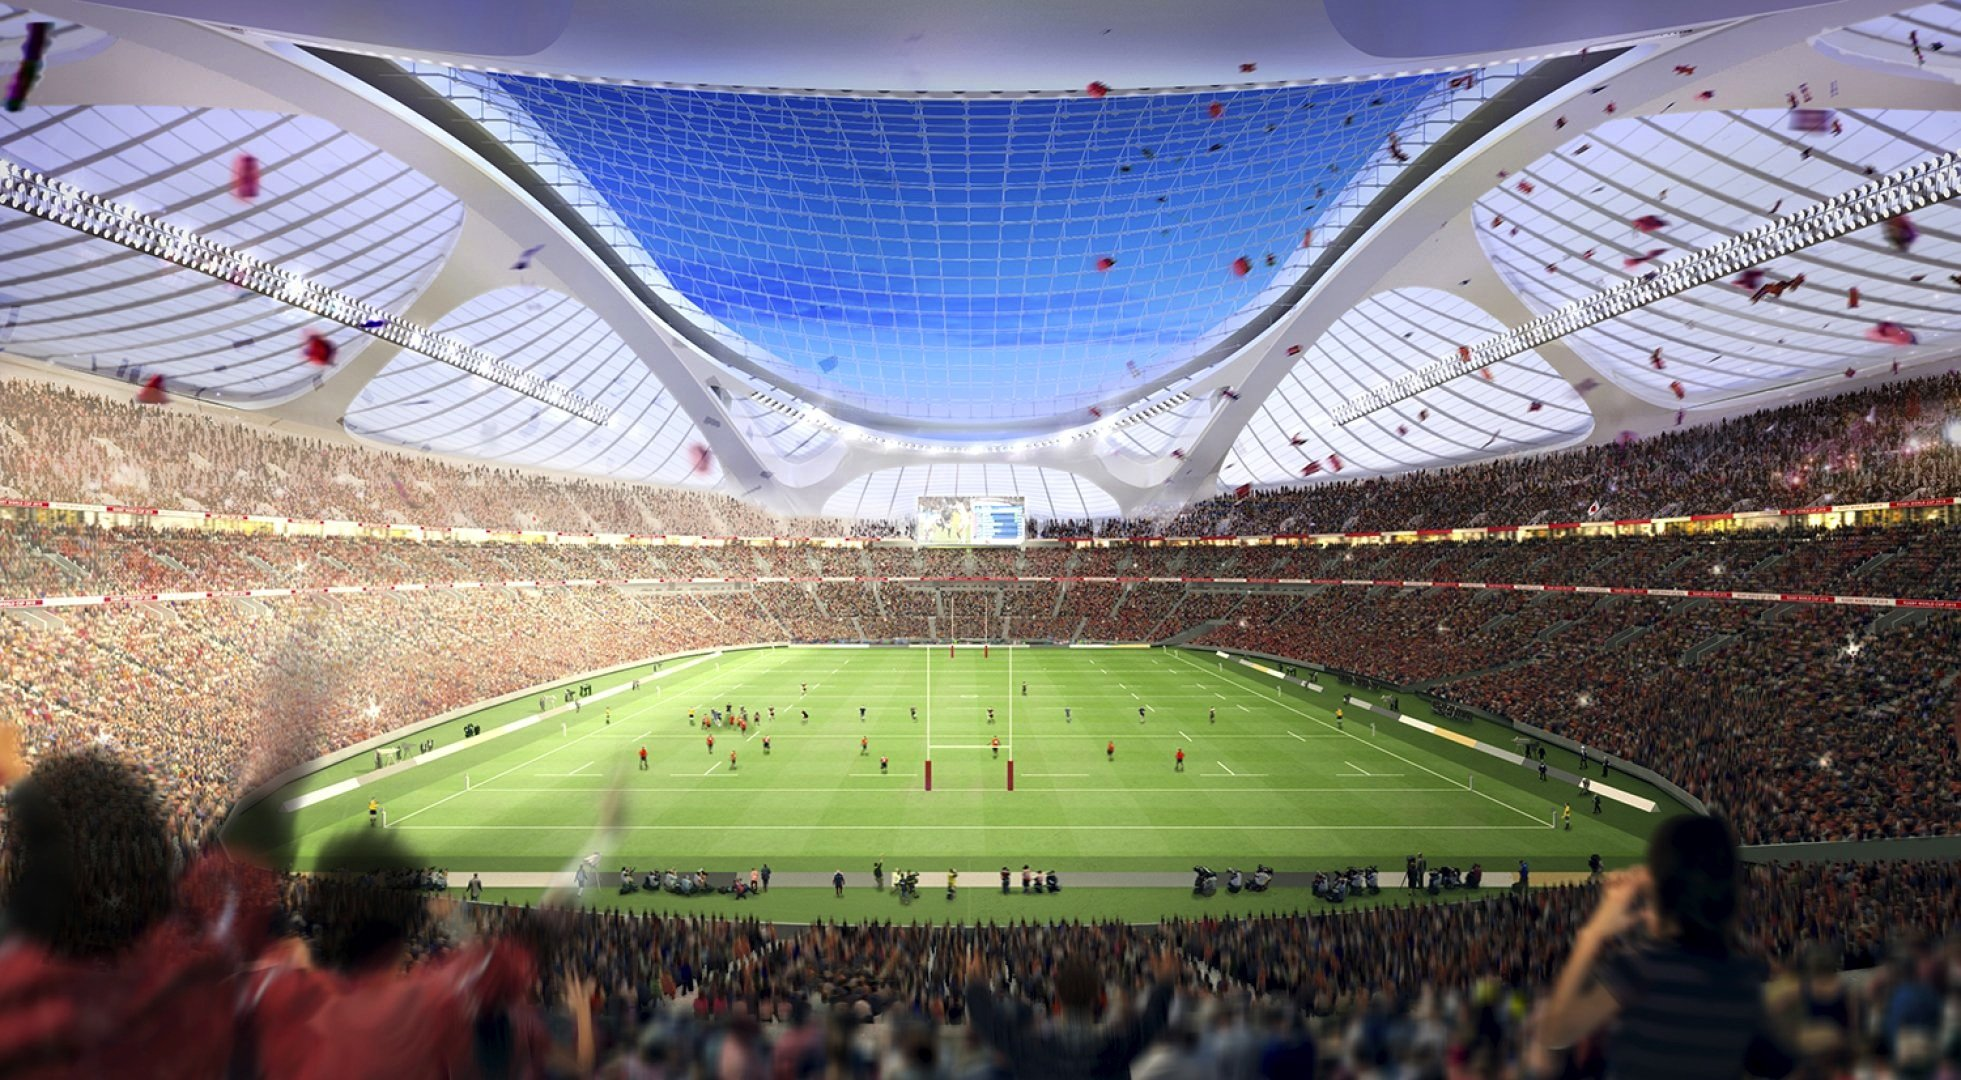 Das von Zaha Hamid entworfene Olympiastadion in Tokio sollte ursprünglich 80.000 Plätze bieten. Jetzt wird die Planung abgespeckt, die Zuschauerzahl auf 68.000 reduziert.